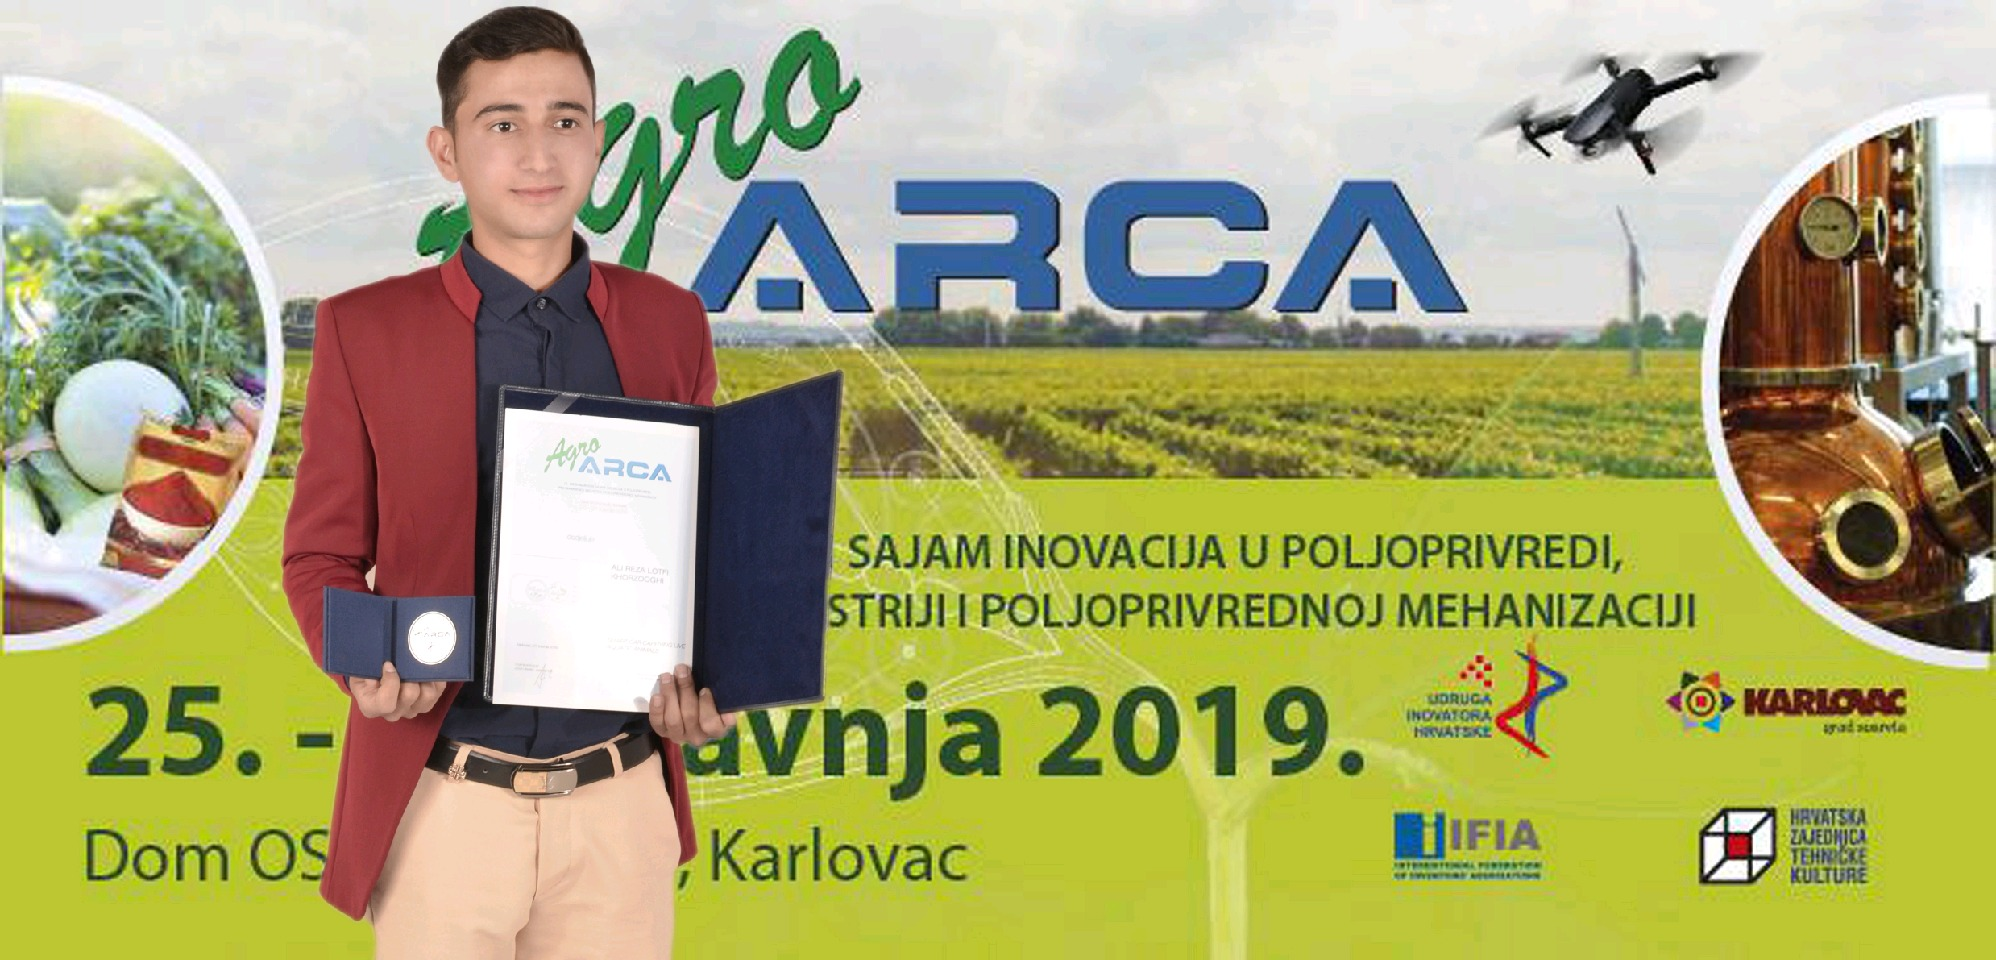 درخشش جوان خورزوقی در مسابقات اختراعات و نوآوری در زاگرب کرواسی/امیدی به حمایت و تولید انبوه ندارم